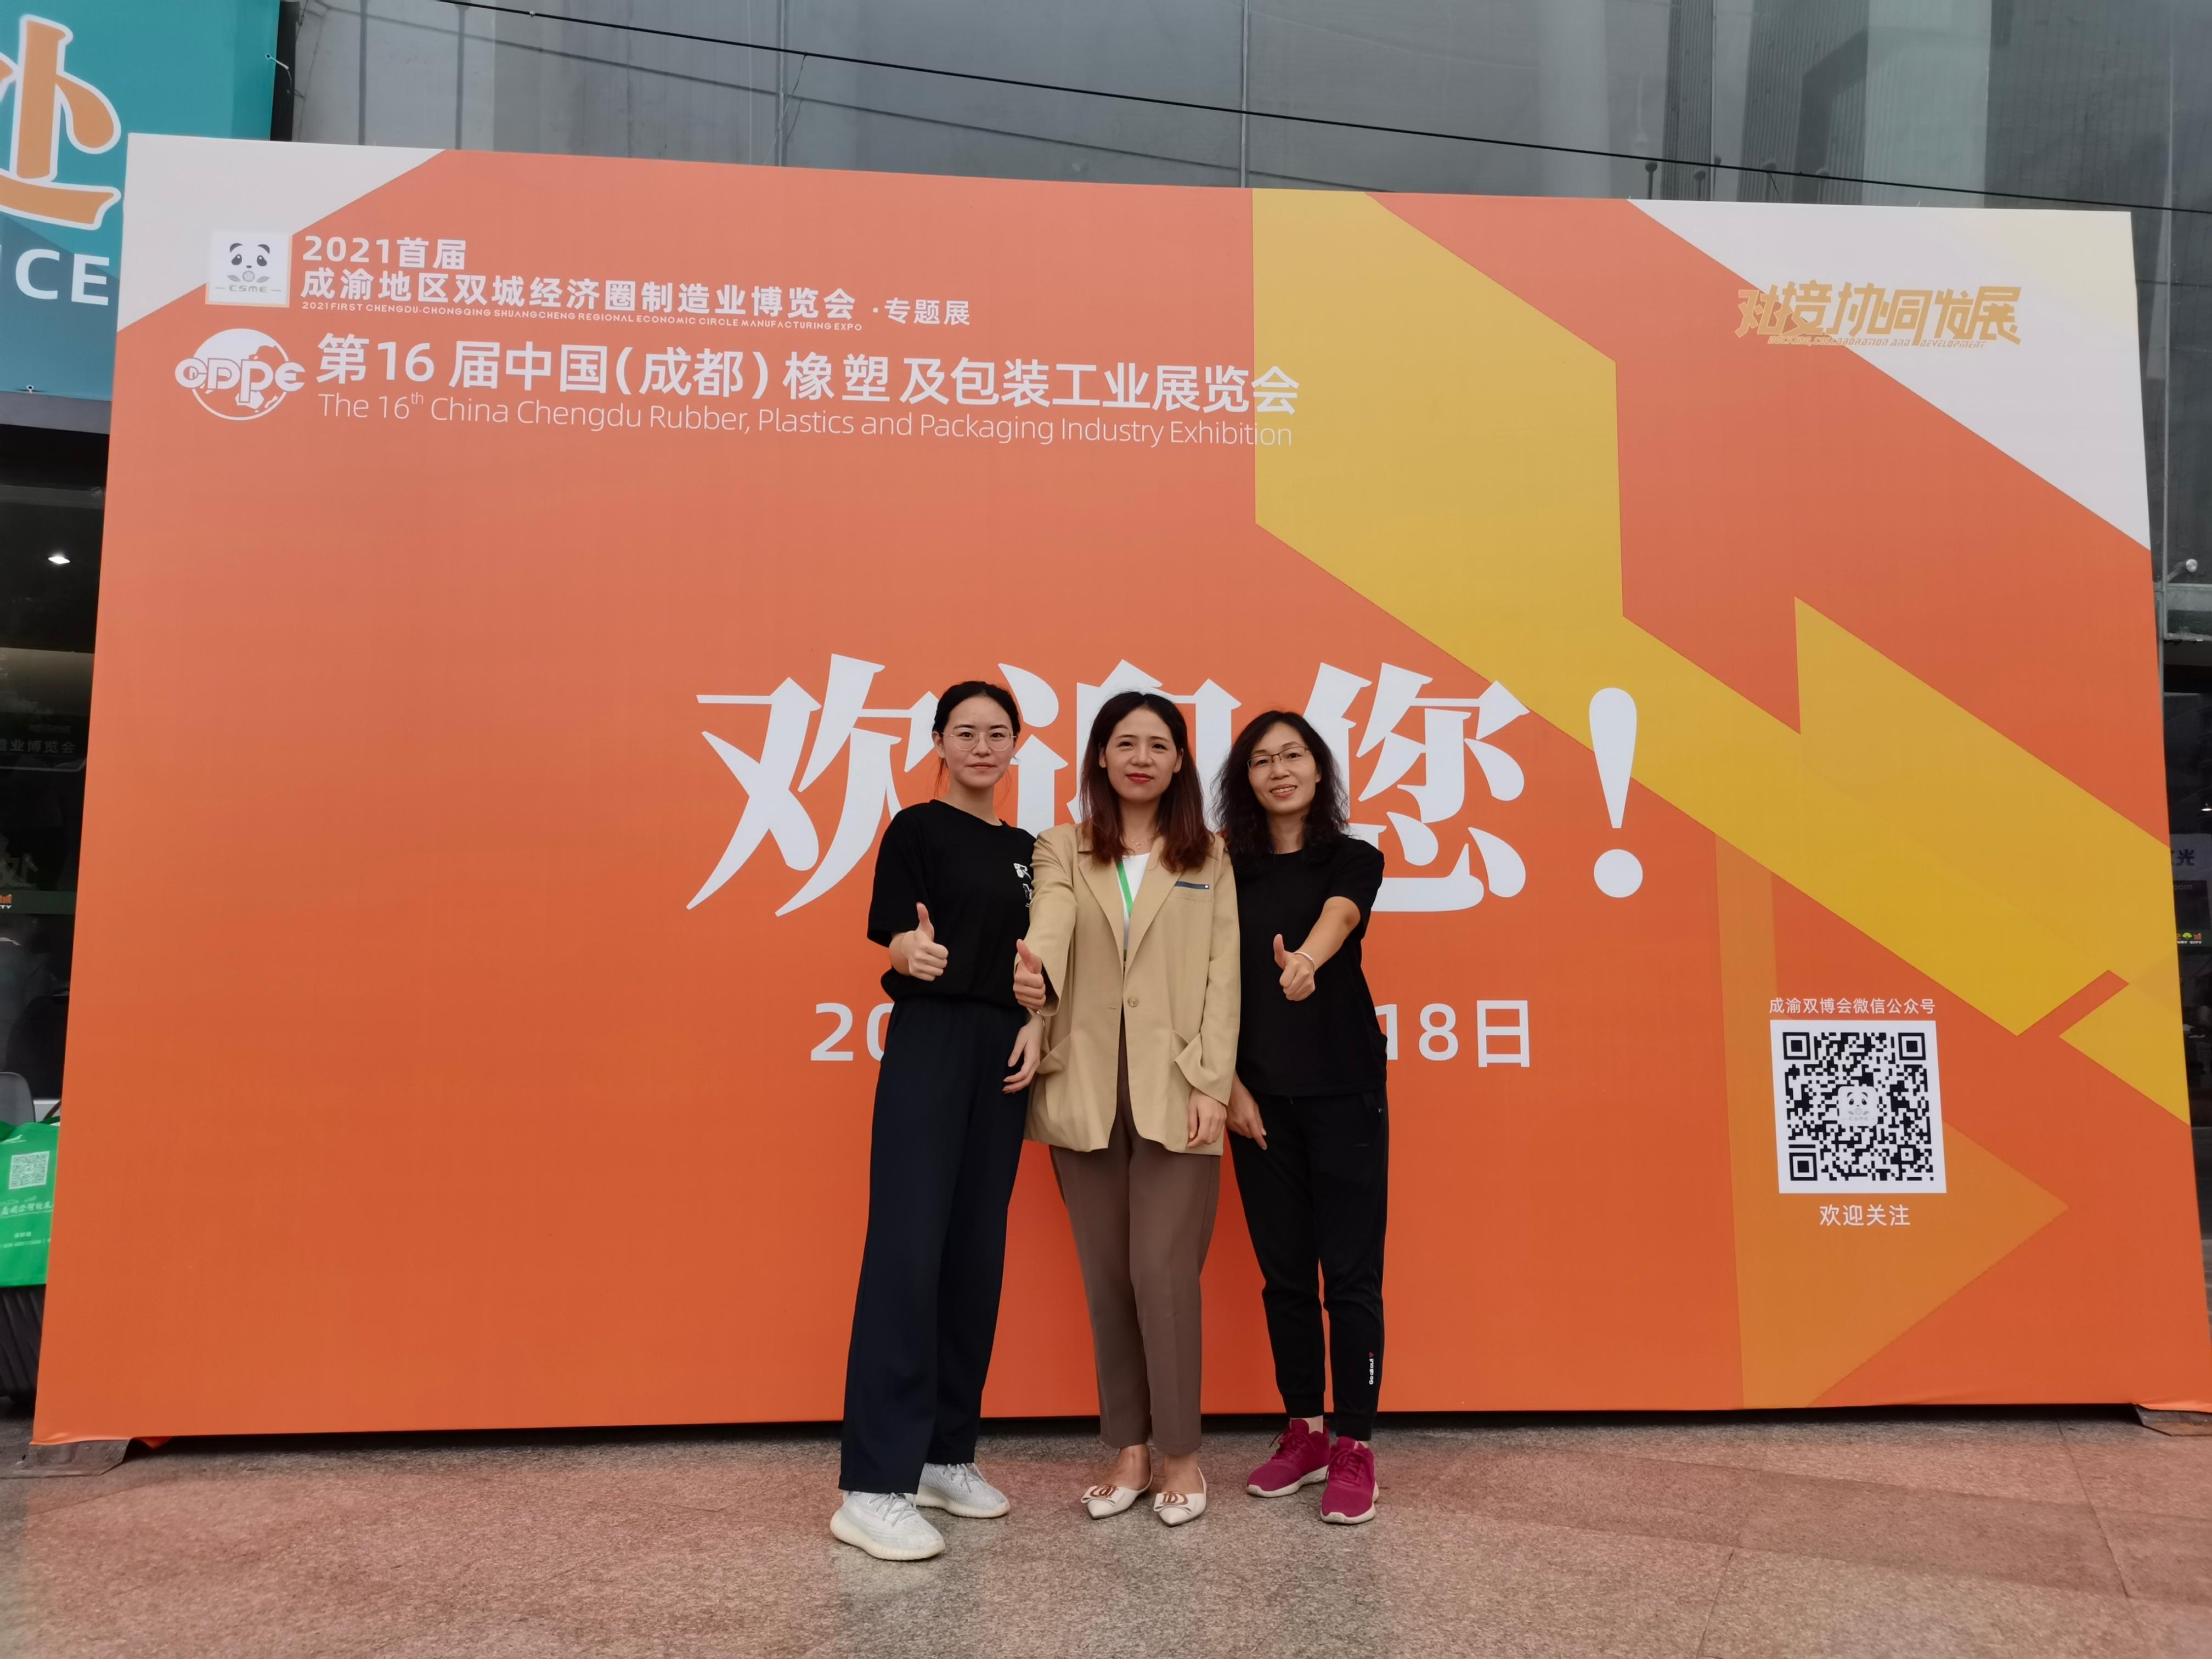 2021第16届中国(成都)橡塑及包装工业展今日开幕!